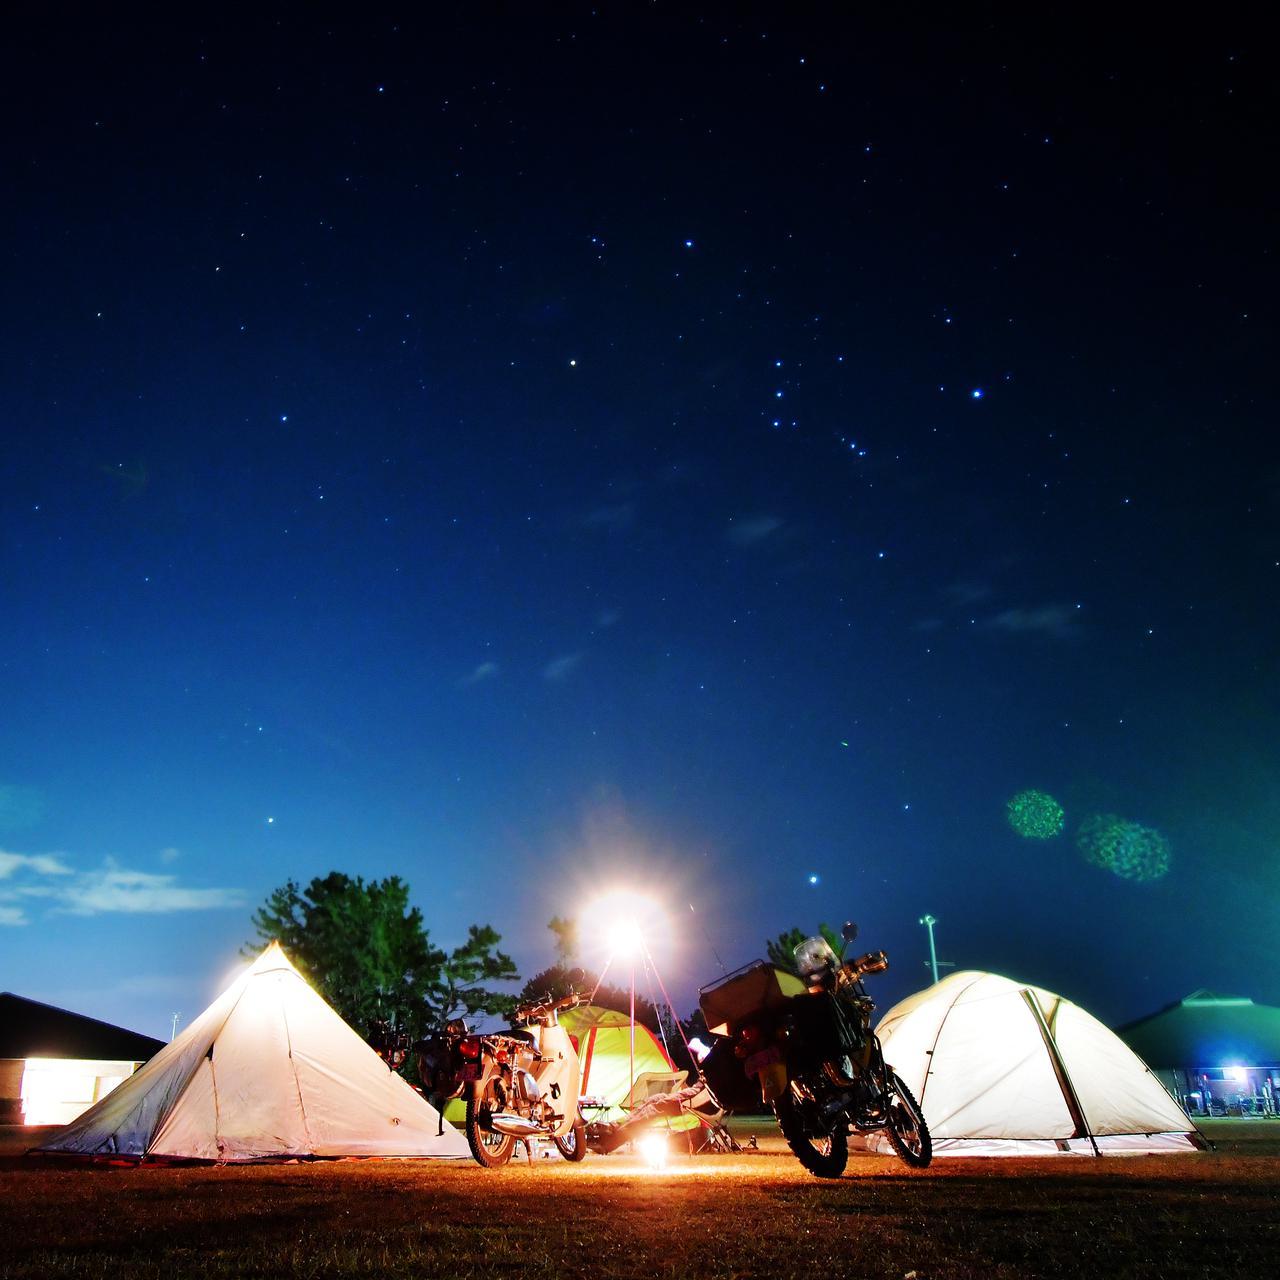 キャンプの夜は星景撮影が楽しいよ。デジイチやGoProでの星の撮り方とか道具、便利なアプリを紹介するぞ。〈若林浩志のスーパー・カブカブ・ダイアリーズ Vol.54〉